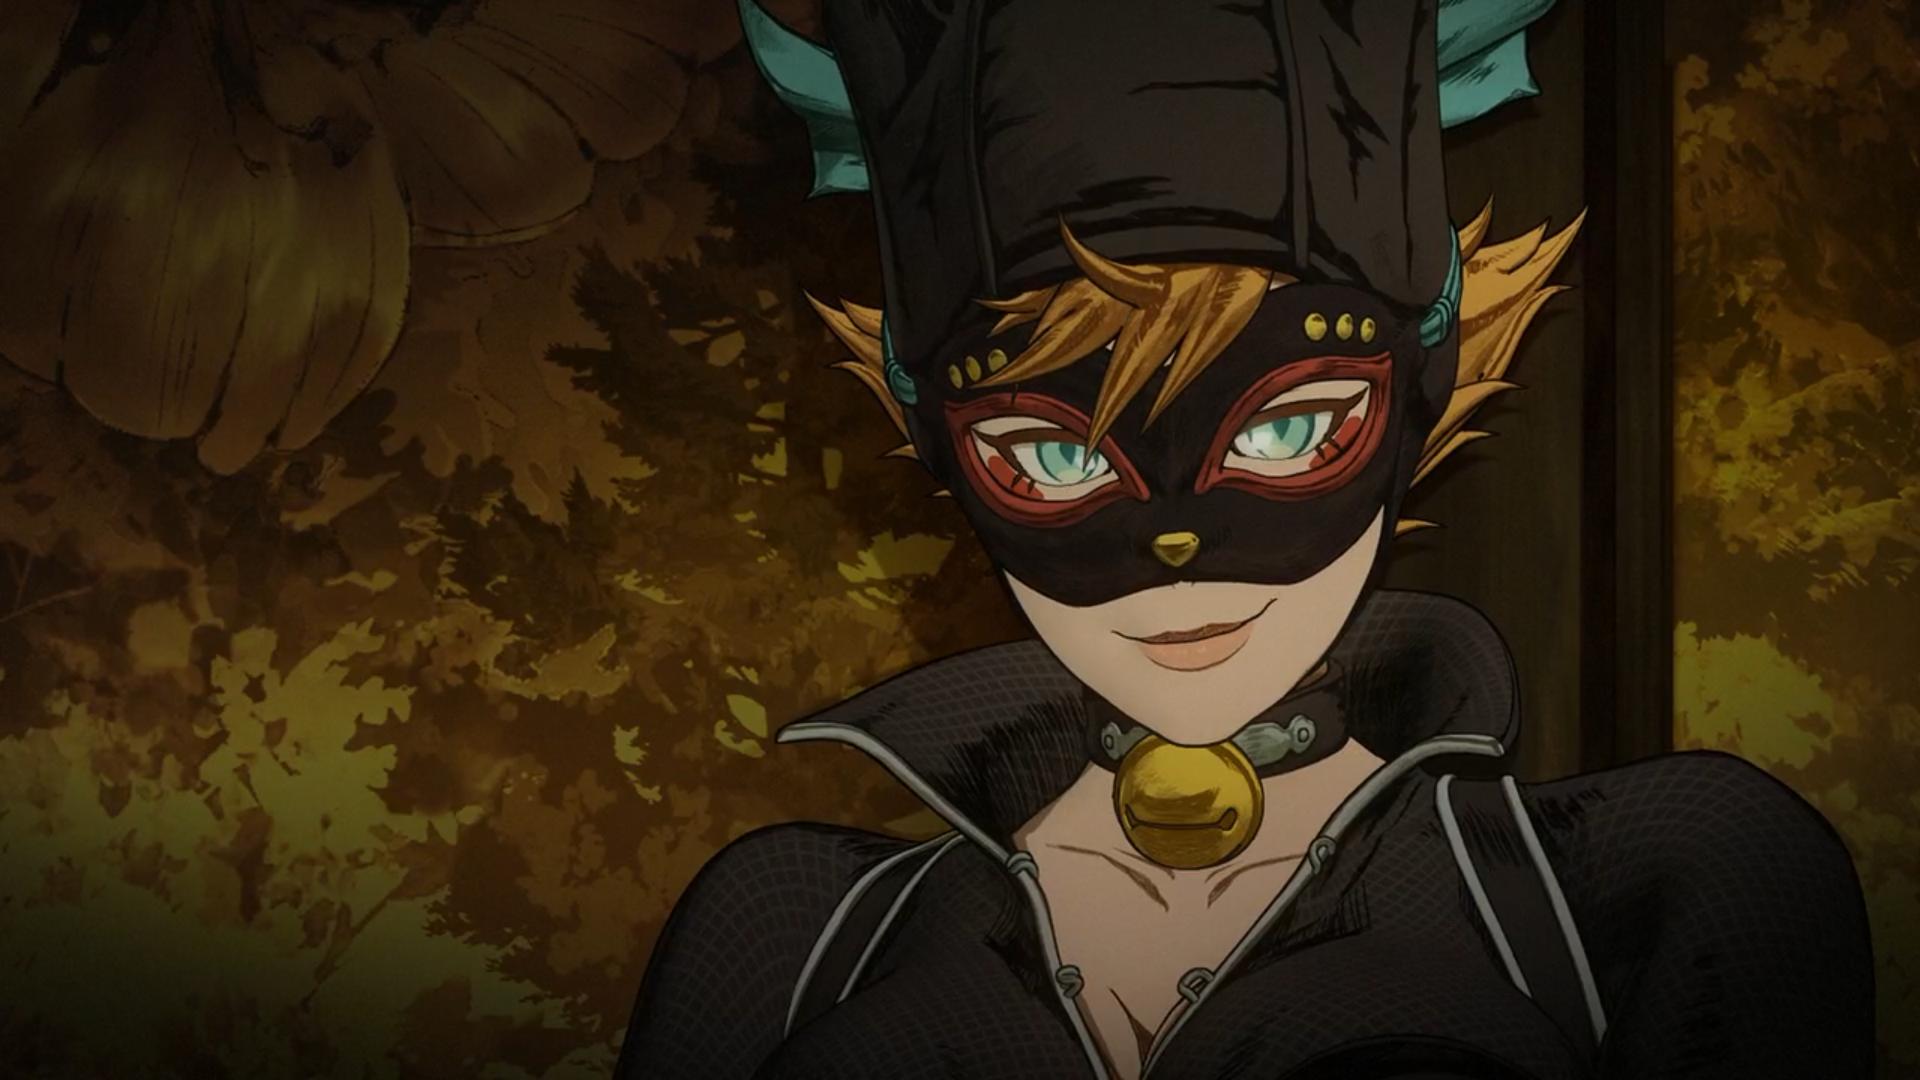 忍者蝙蝠侠猫女性感剧照